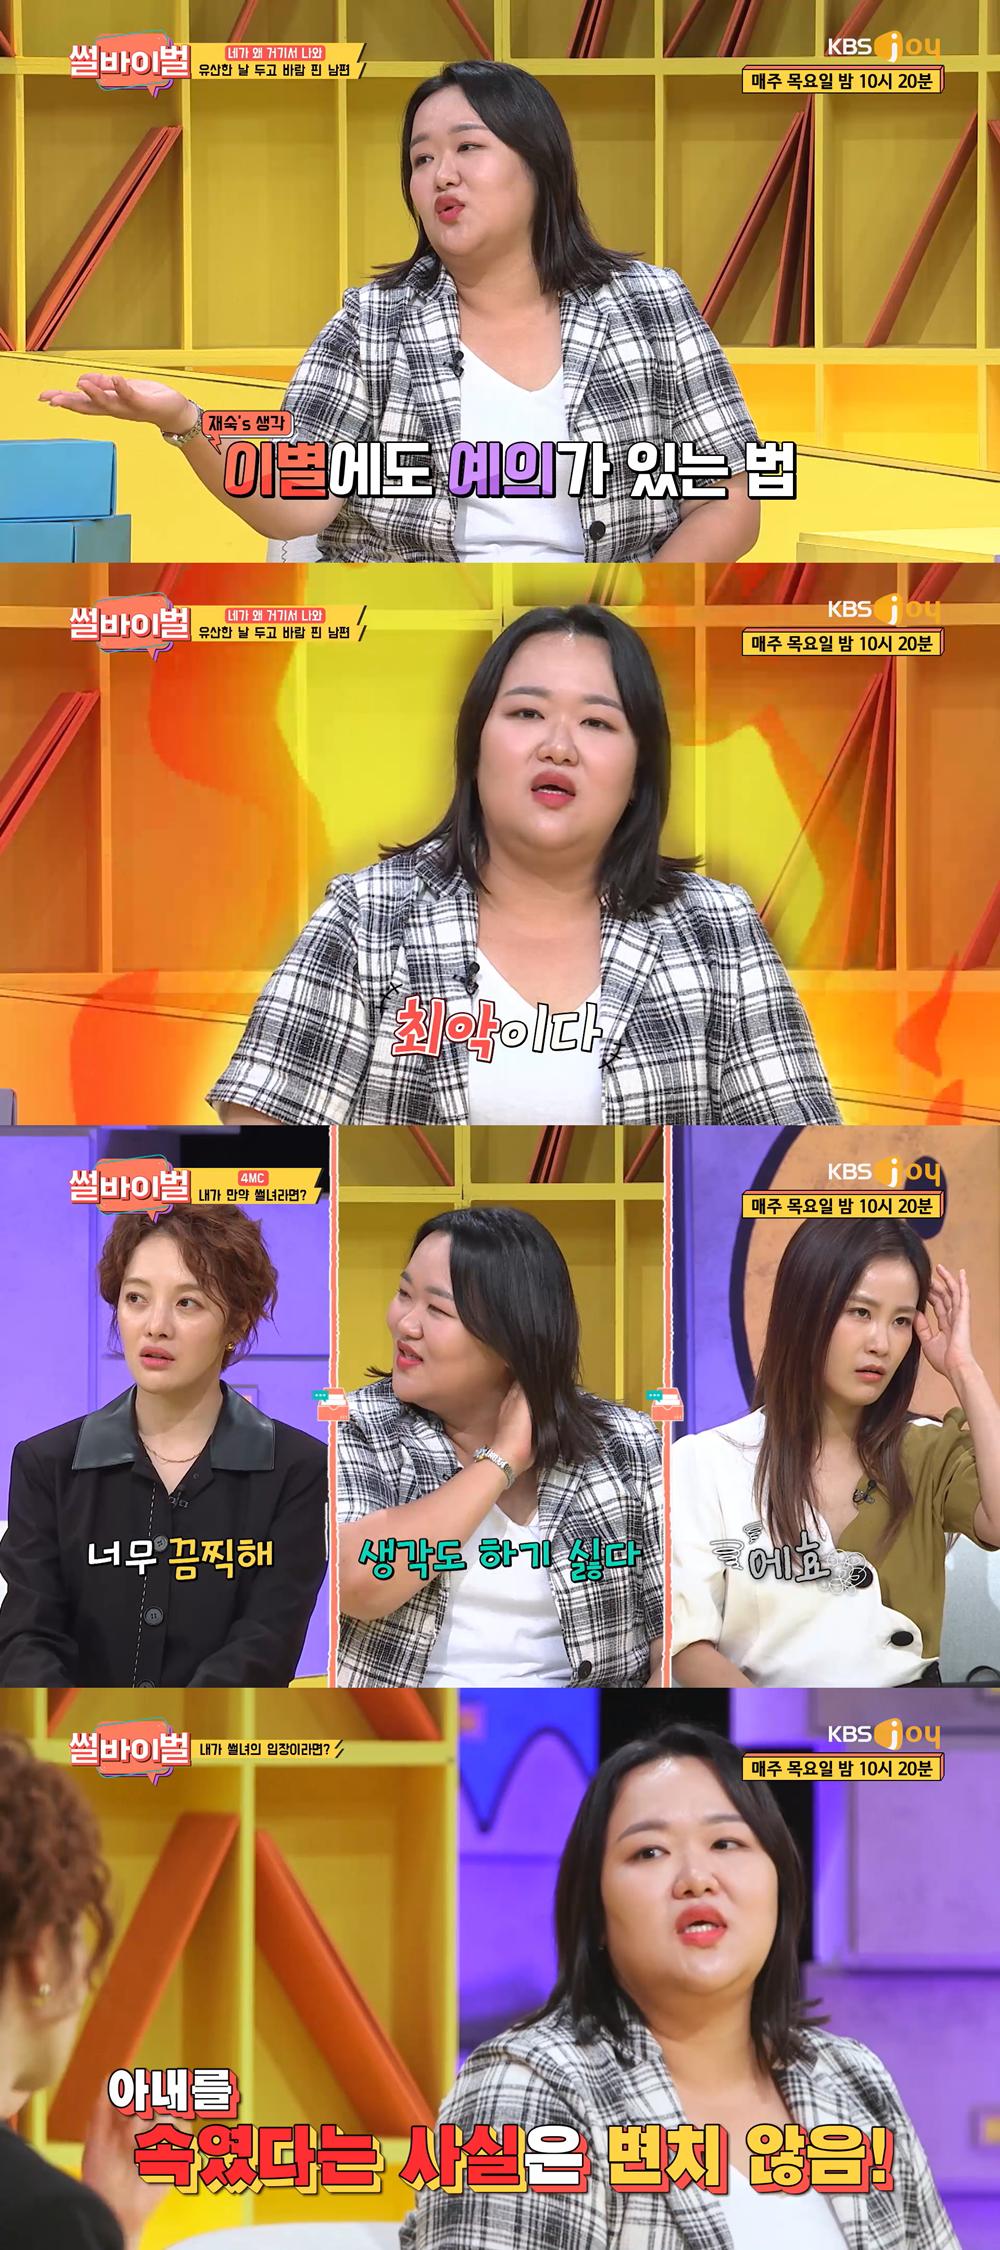 """'썰바이벌' 하재숙, 무례한 前 남편 사연에 """"넌 최악이야"""" 분노"""